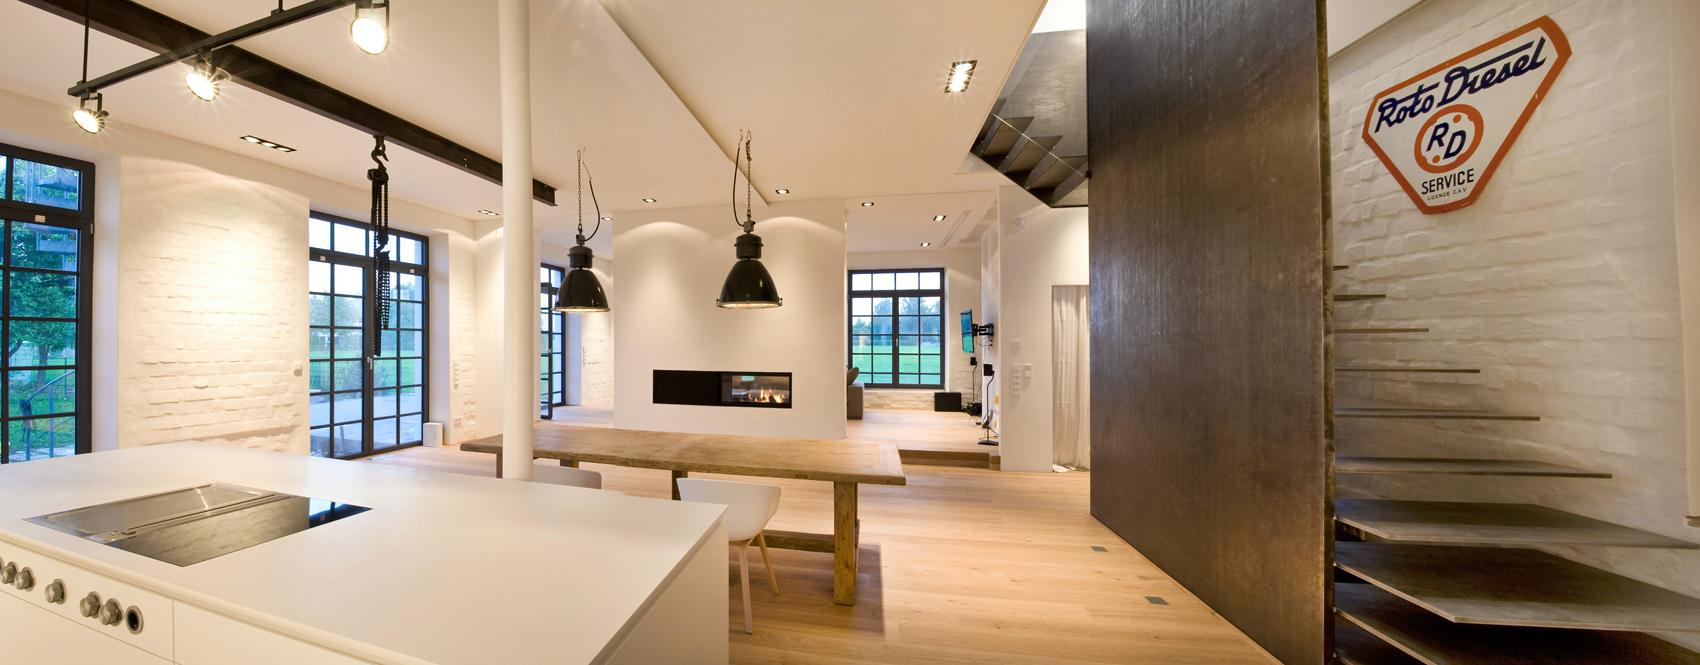 moderne feuerstellen kachel fen grund fen und design kamine aus stahl stahlofen ofendesign. Black Bedroom Furniture Sets. Home Design Ideas